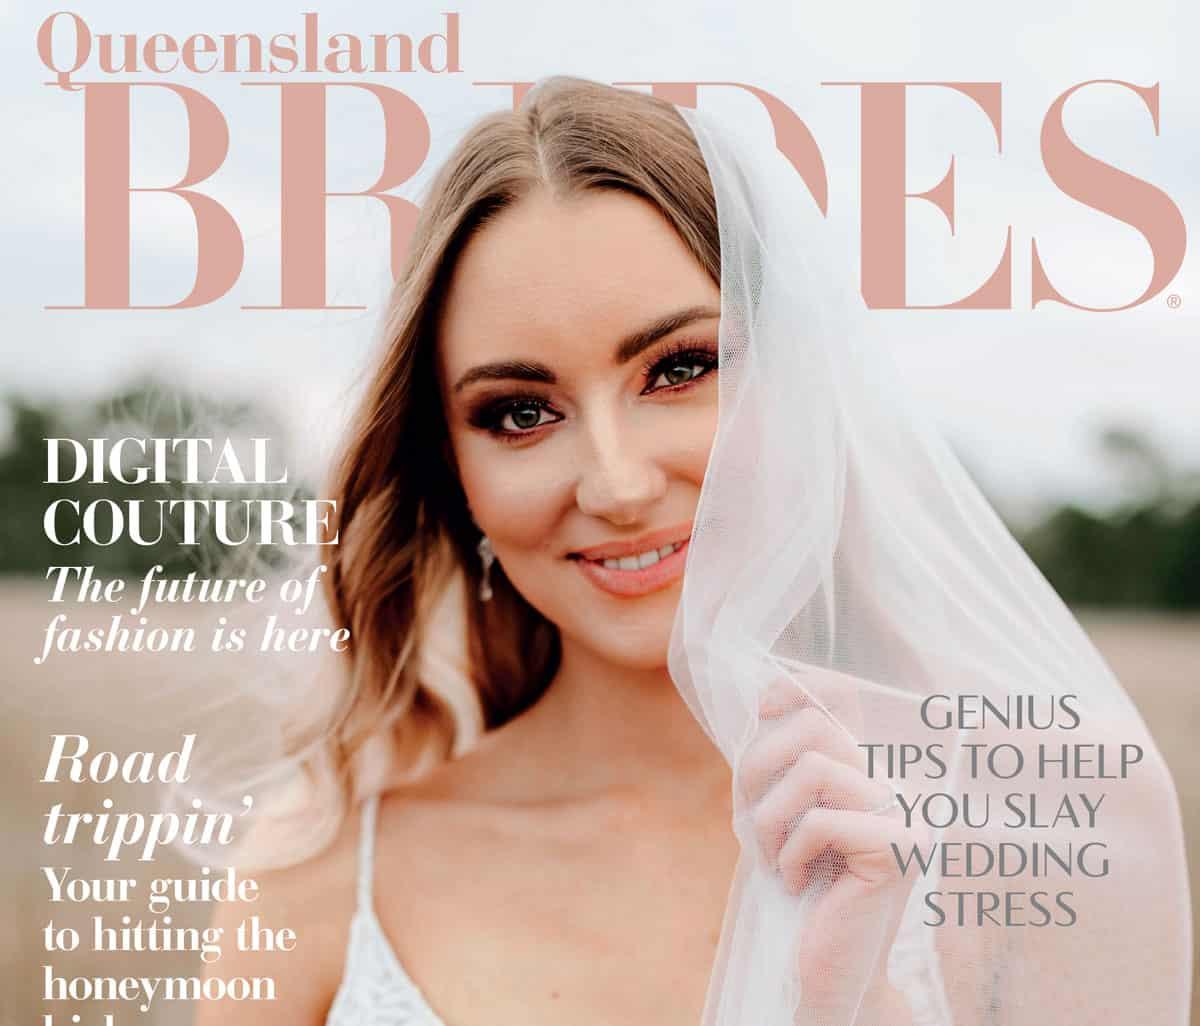 Queensland Brides magazine feature image